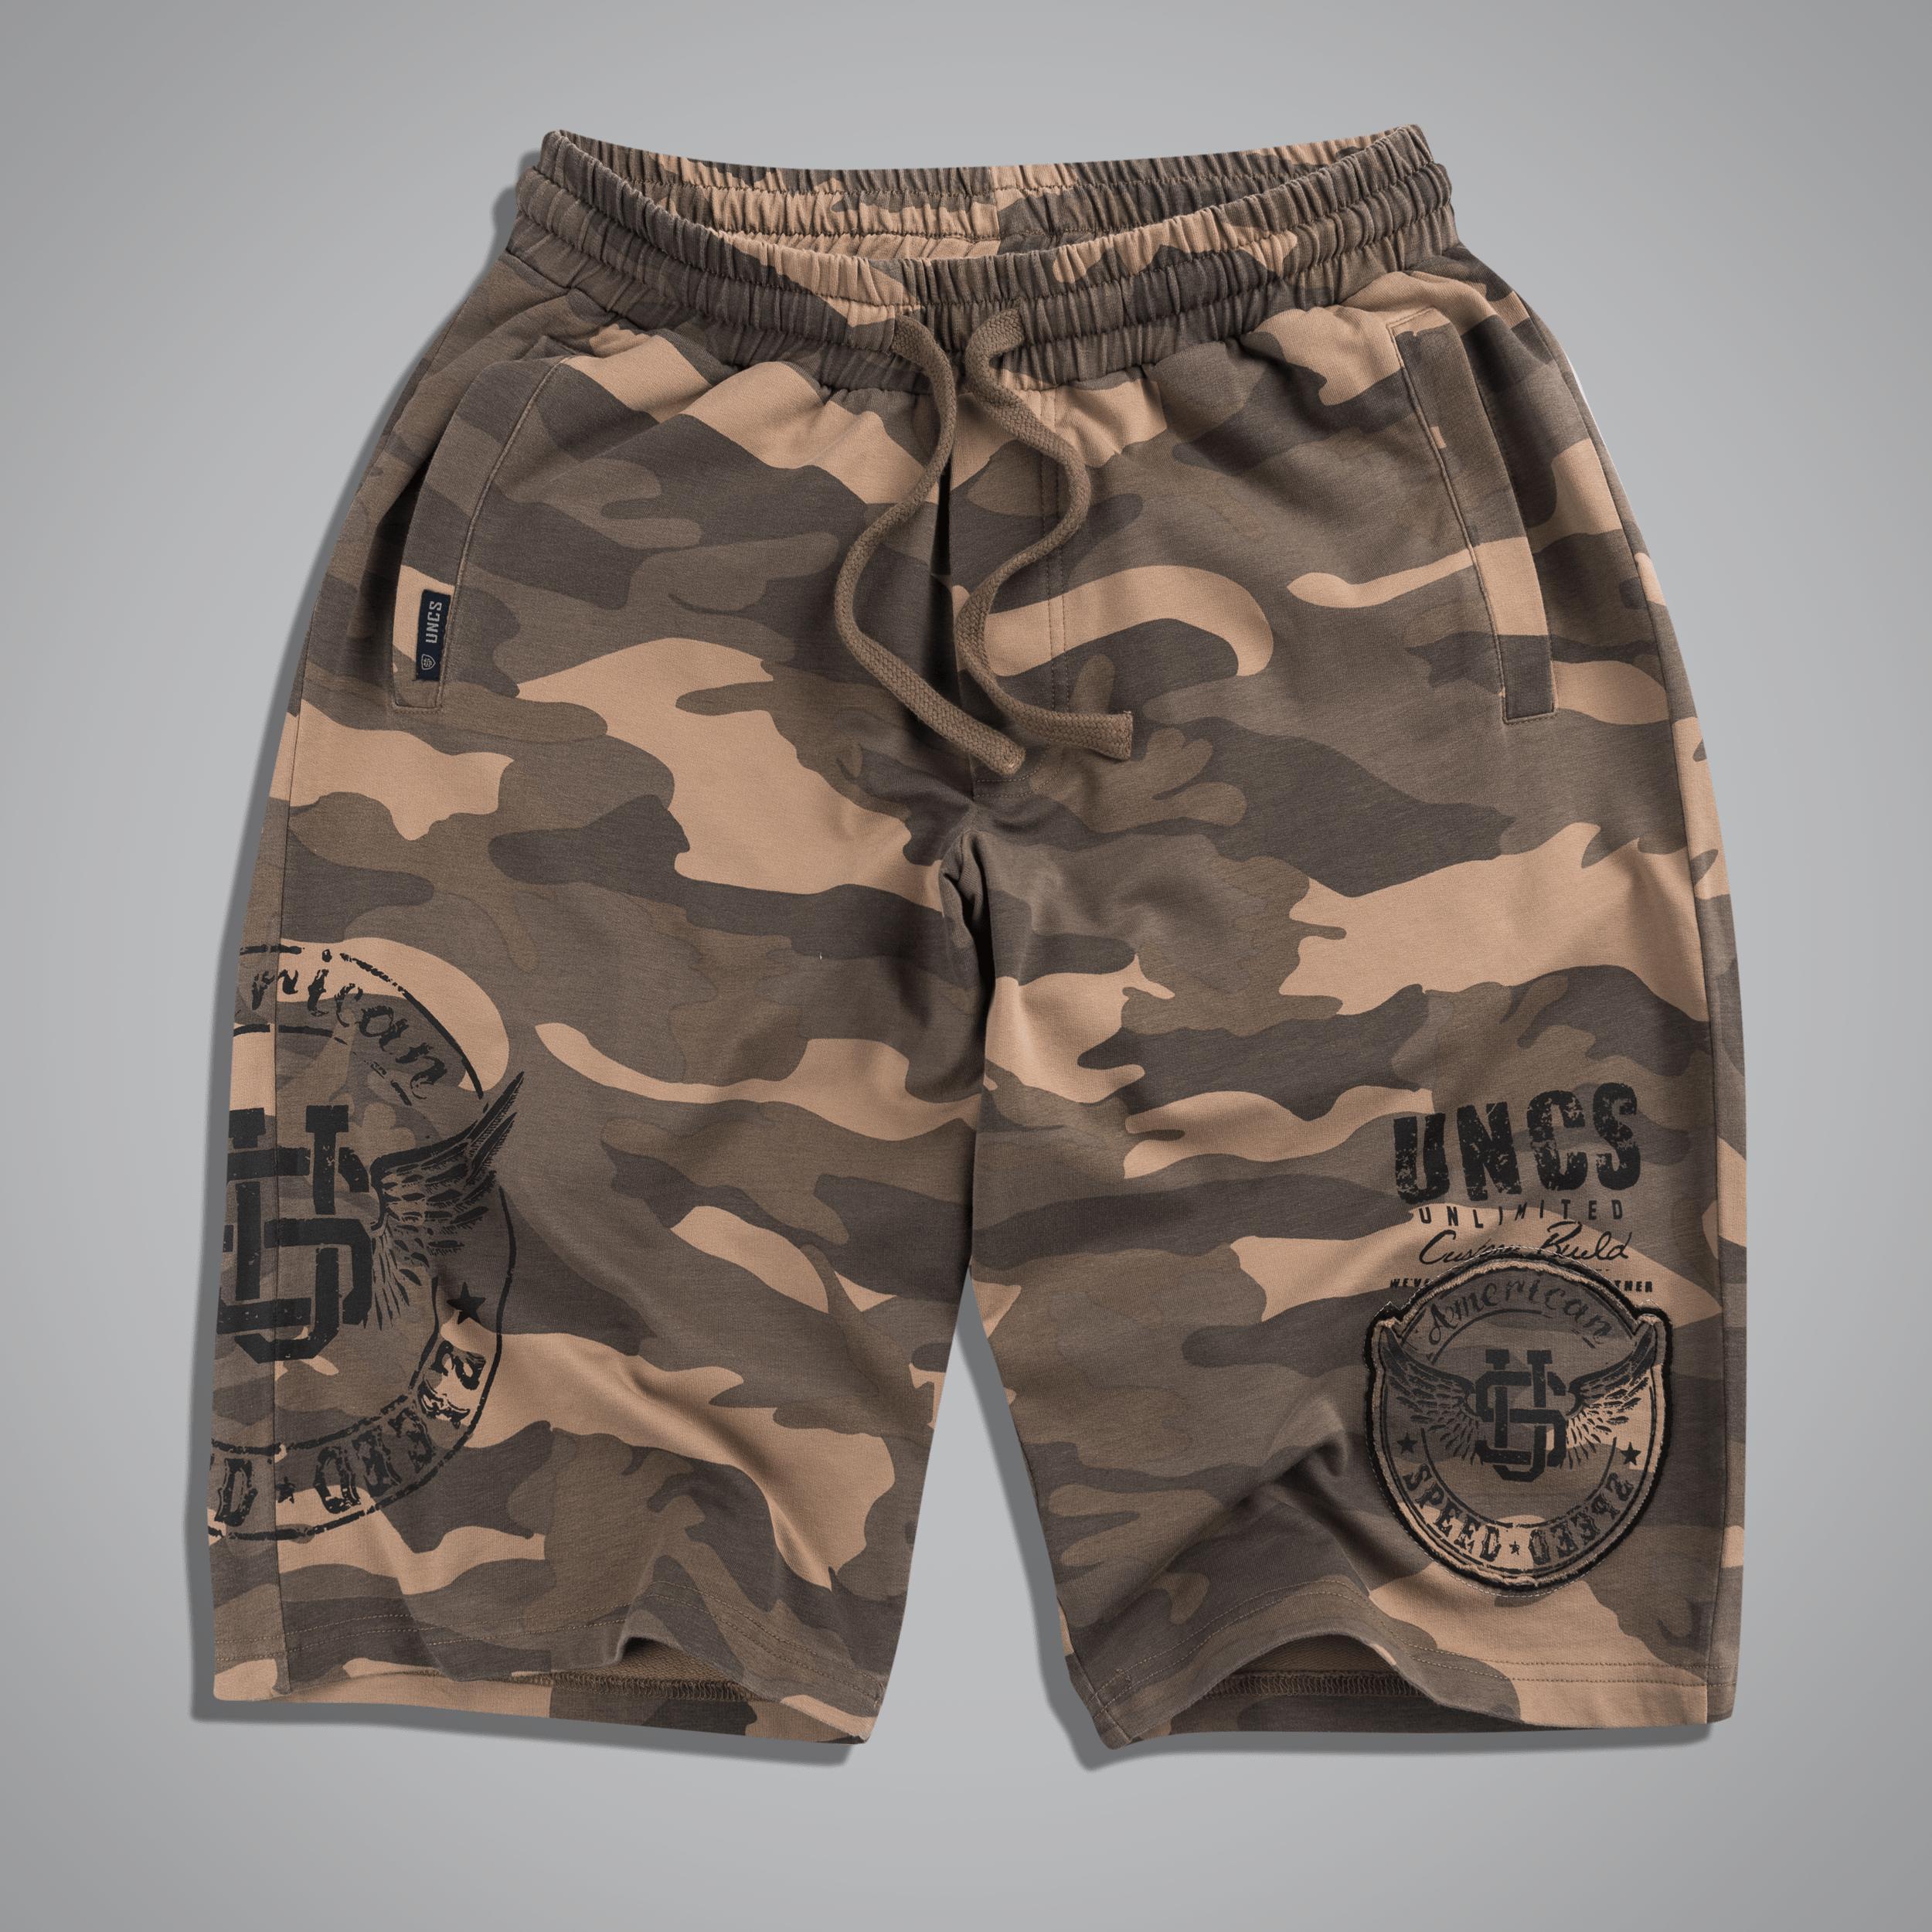 d41e17e7e69 Pánské šortky Grant - Outlet - doprodej pánského oblečení